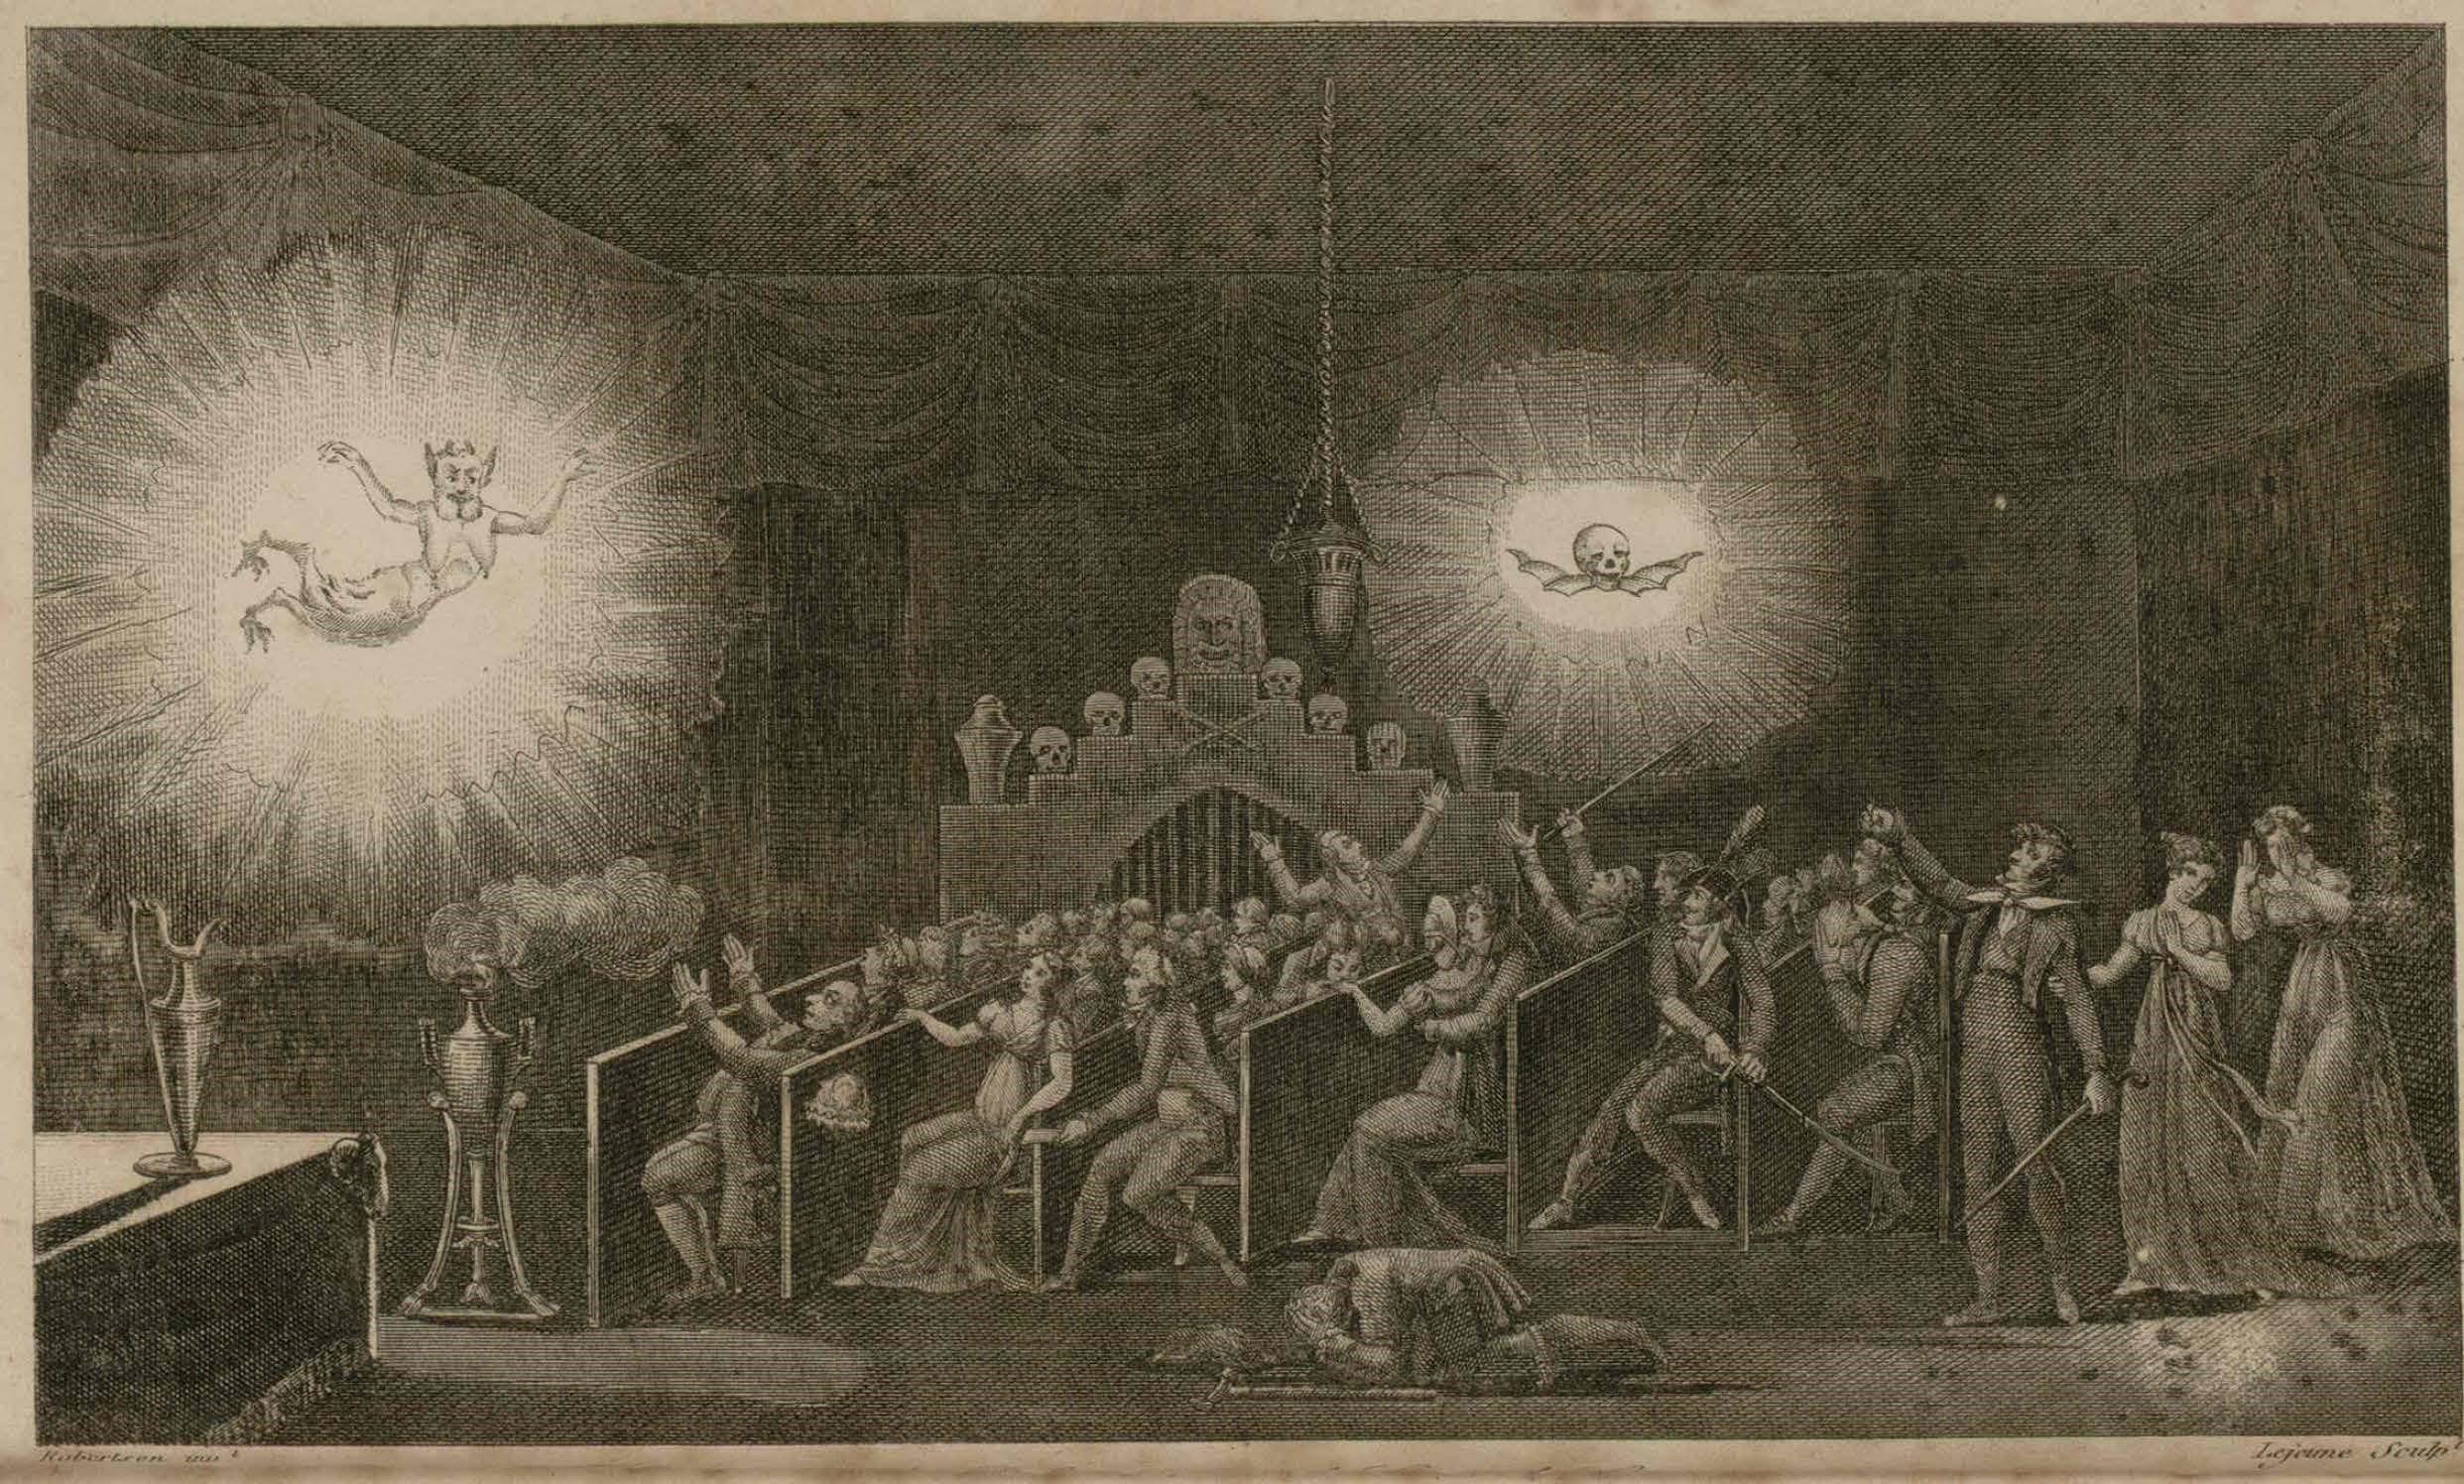 Fig.1 - Image from Etienne Gaspard Robertson  Mémoires récréatifs, scientifiques et anecdotiques  (1831).